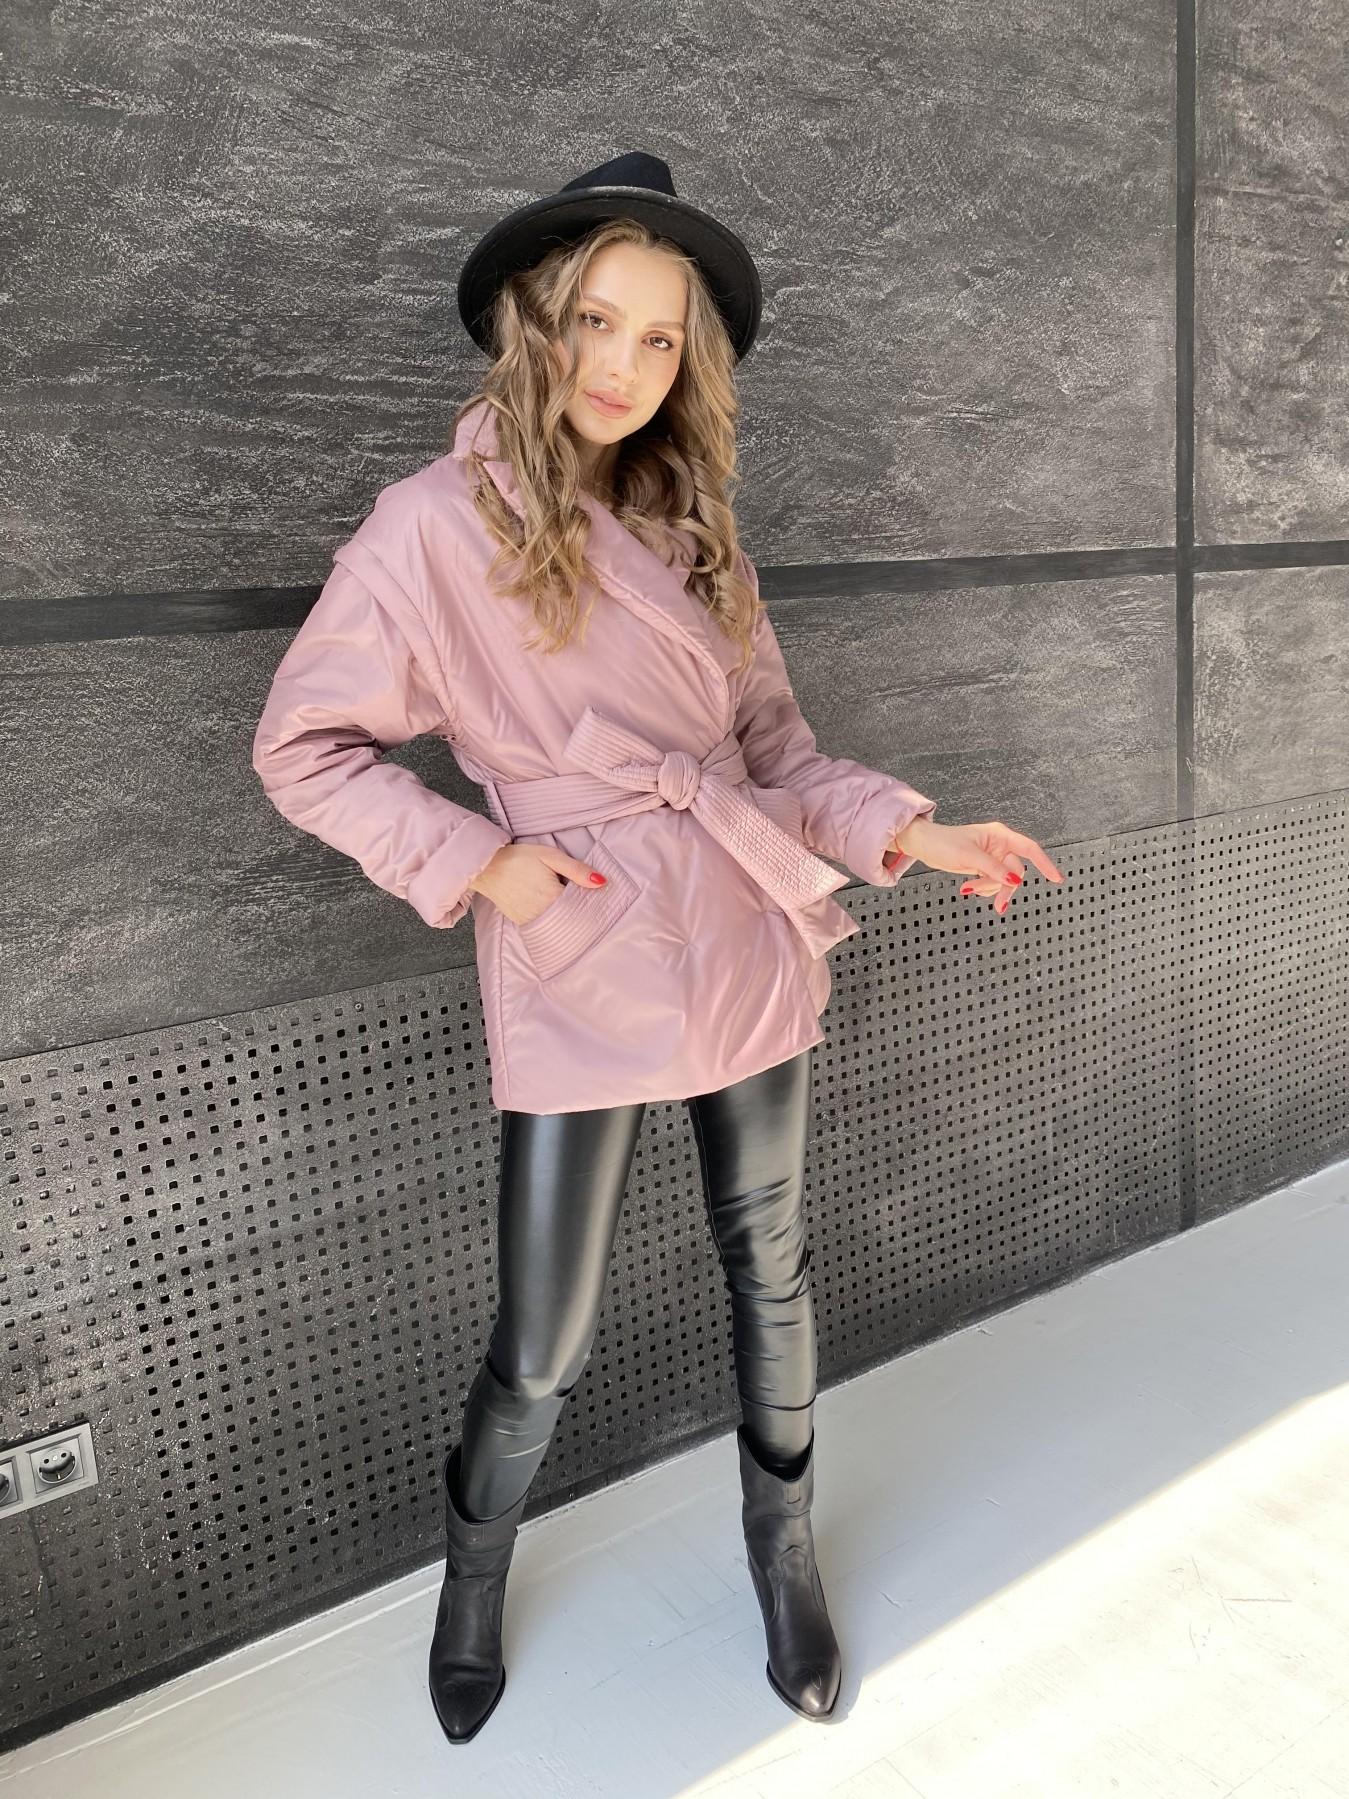 Форбс куртка из плащевой ткани 10986 АРТ. 47477 Цвет: Пудра - фото 5, интернет магазин tm-modus.ru